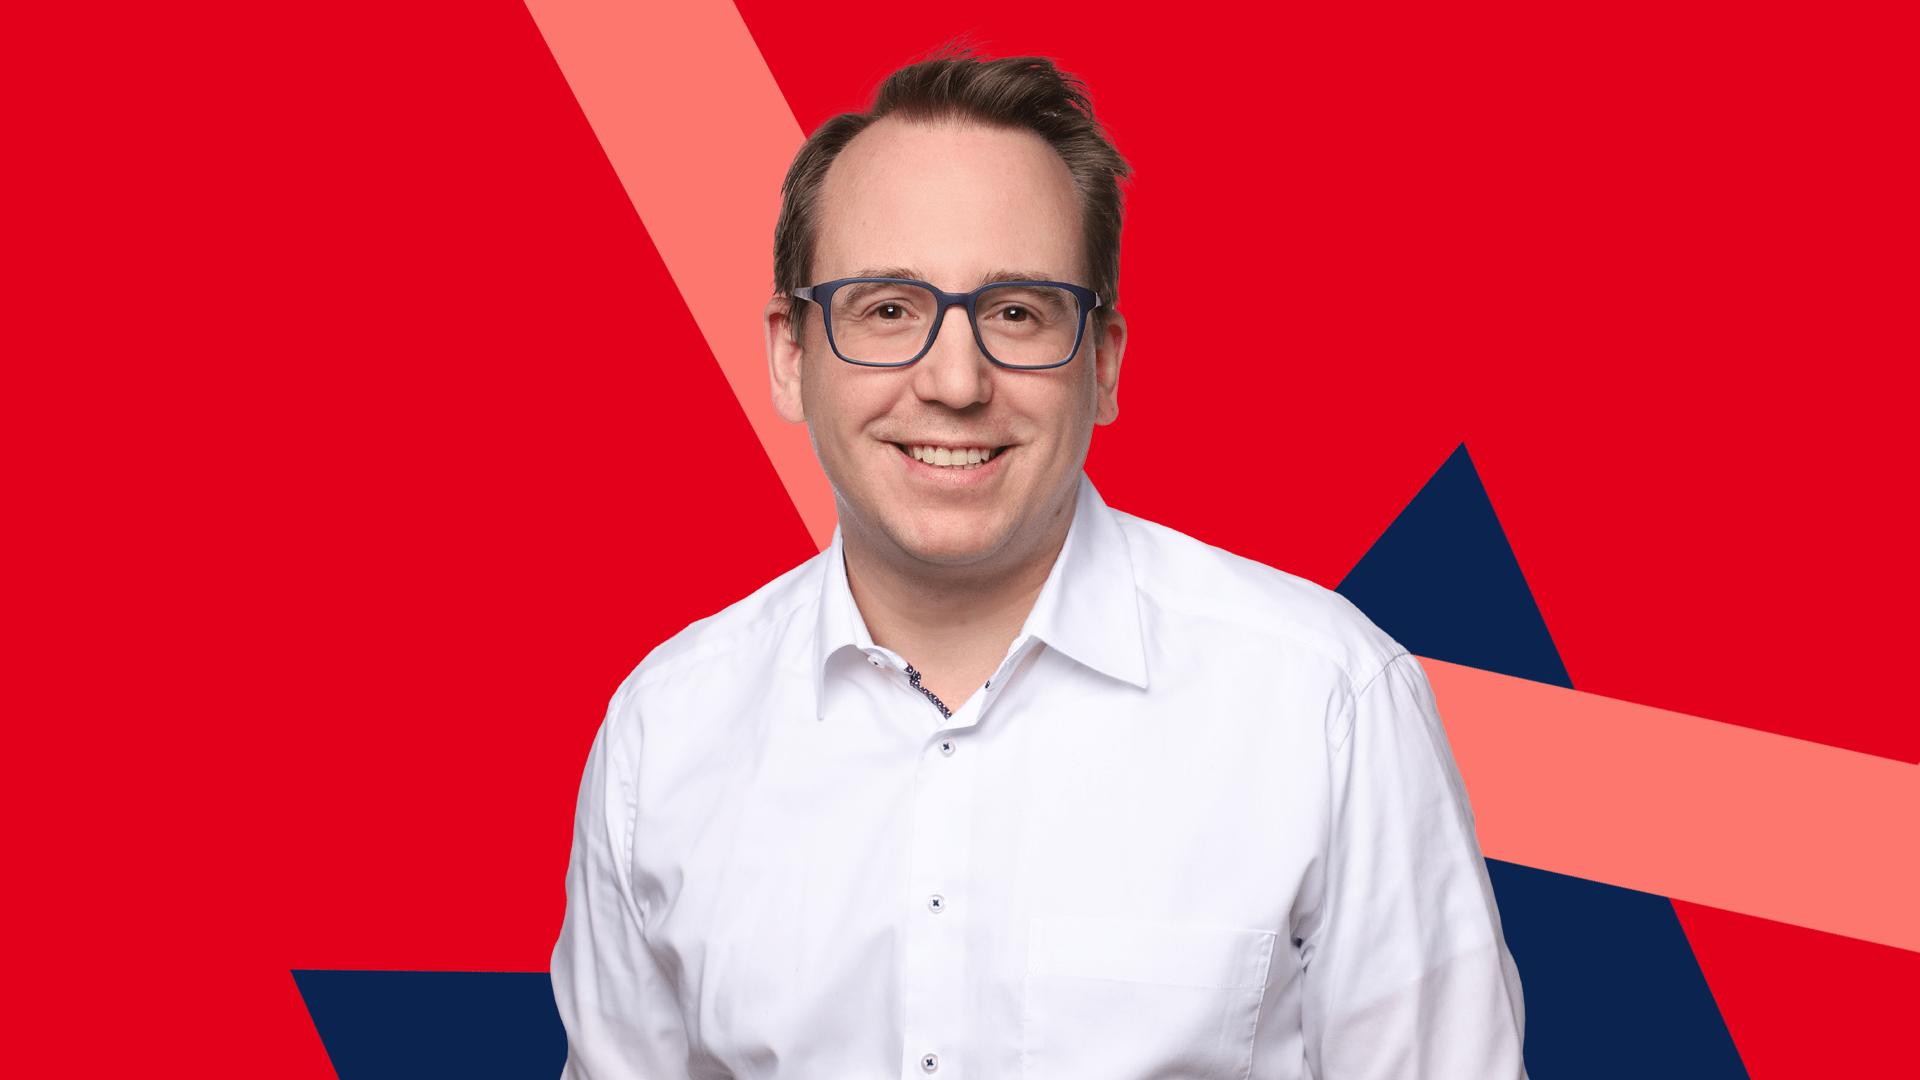 Burkart Jentsch (SPD im Rat)